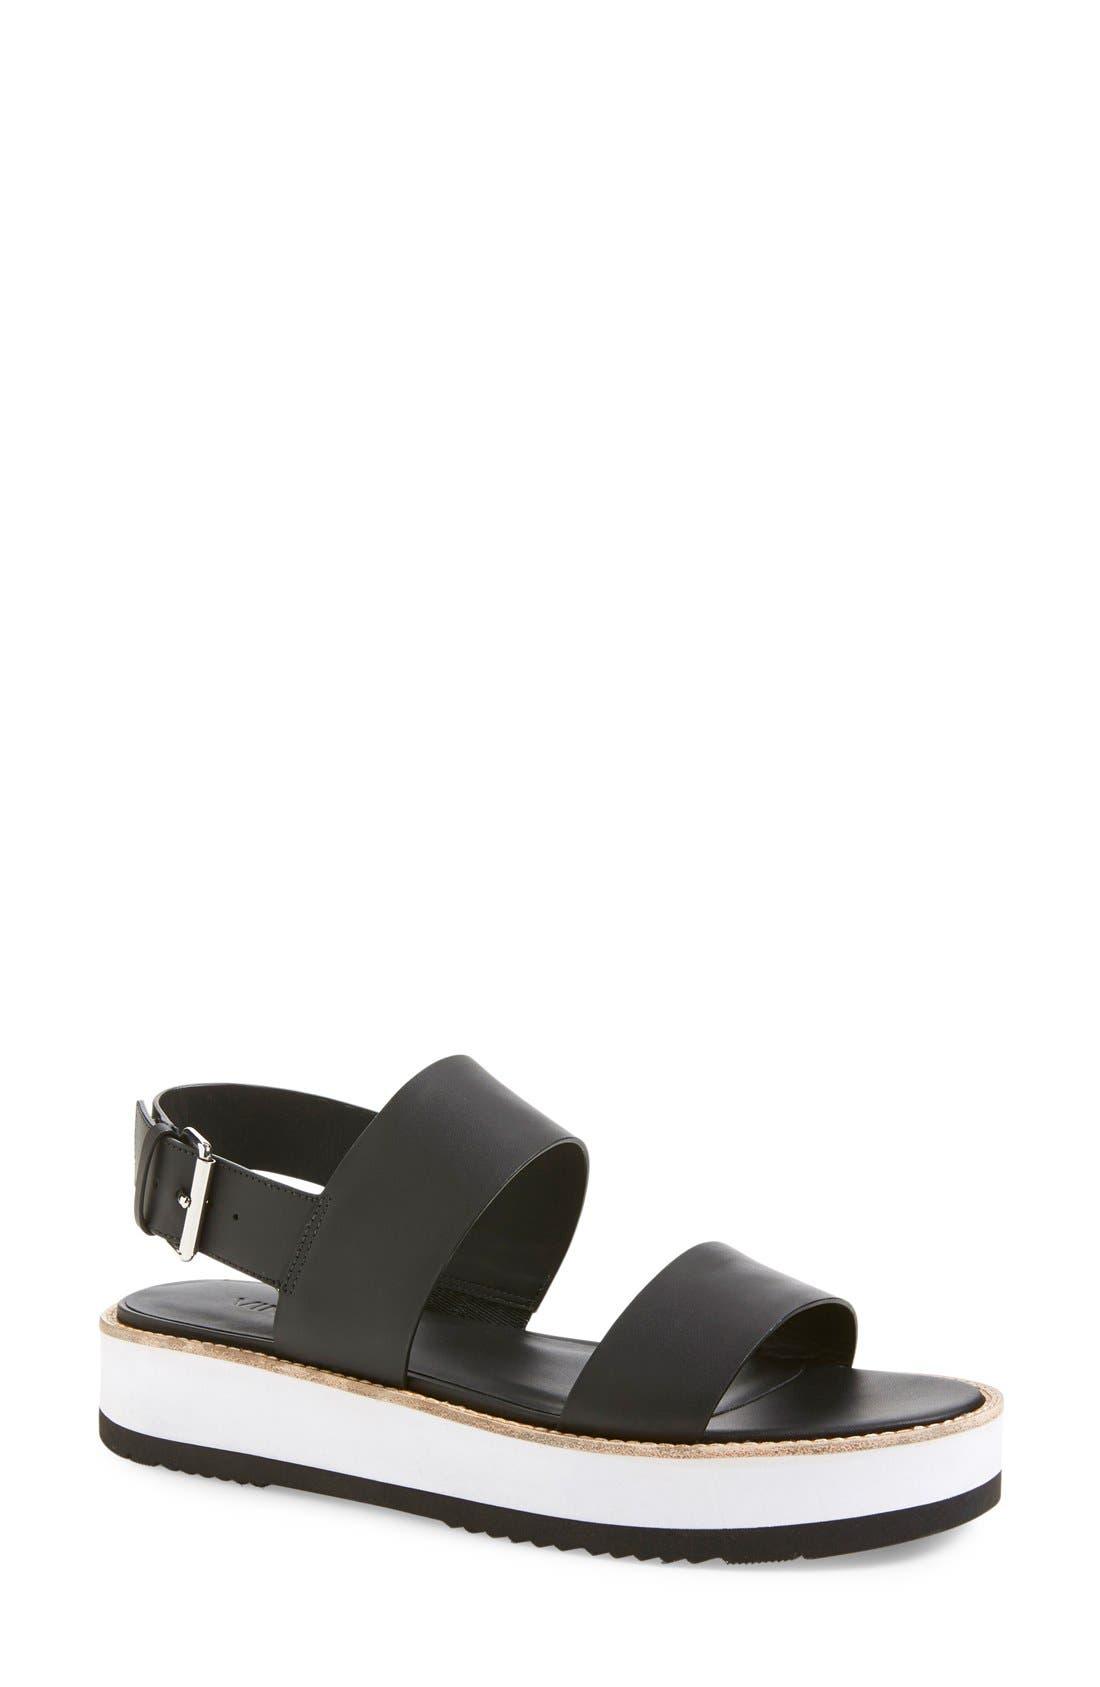 VINCE, 'Mana' Flatform Sandal, Main thumbnail 1, color, 001